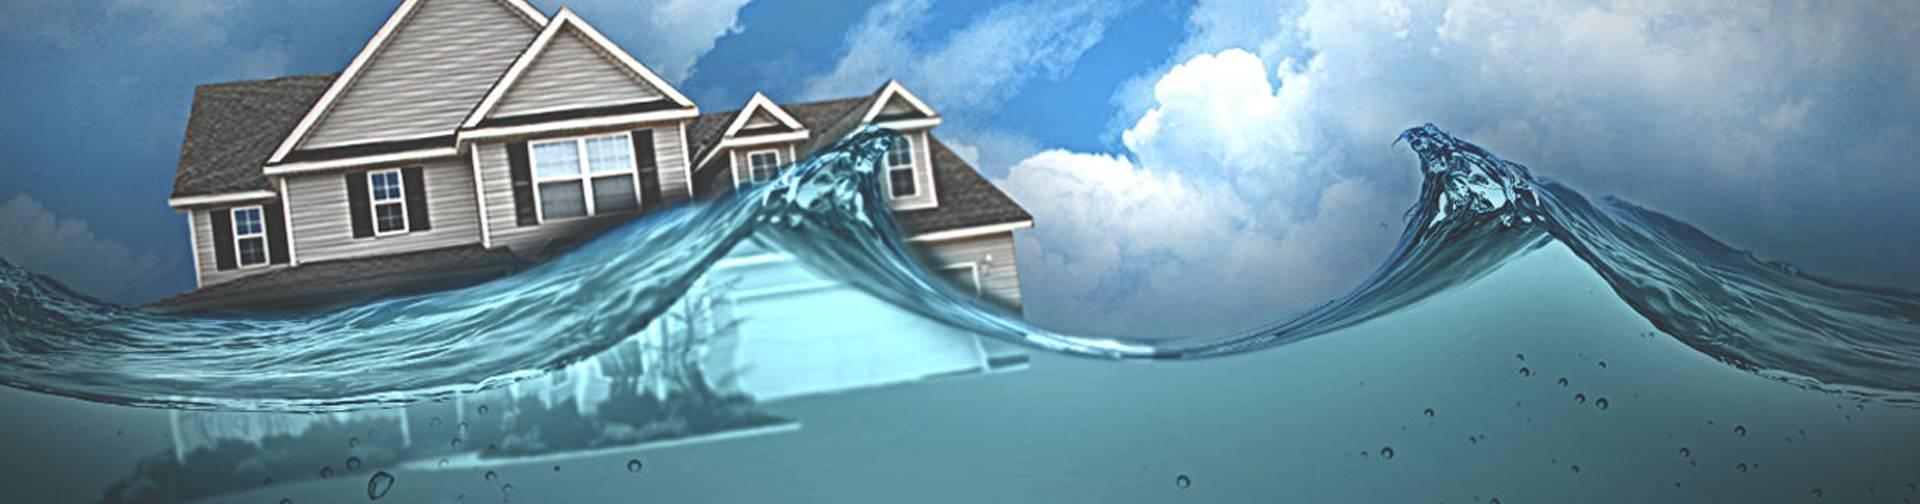 Flood-Insurance-slider1